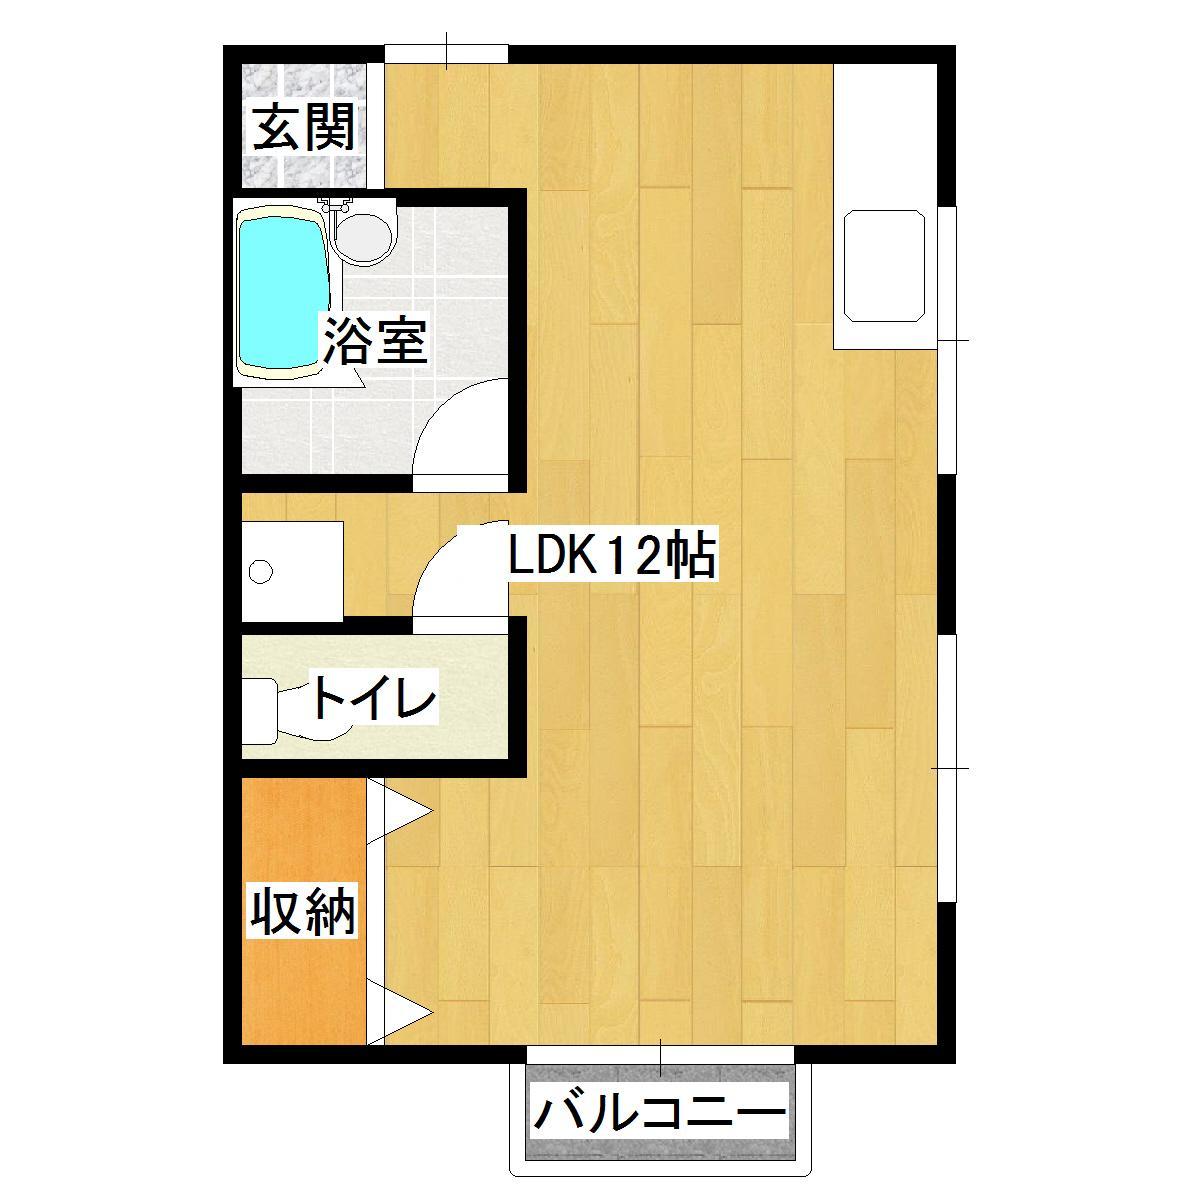 須子ビル 201号室の間取り図